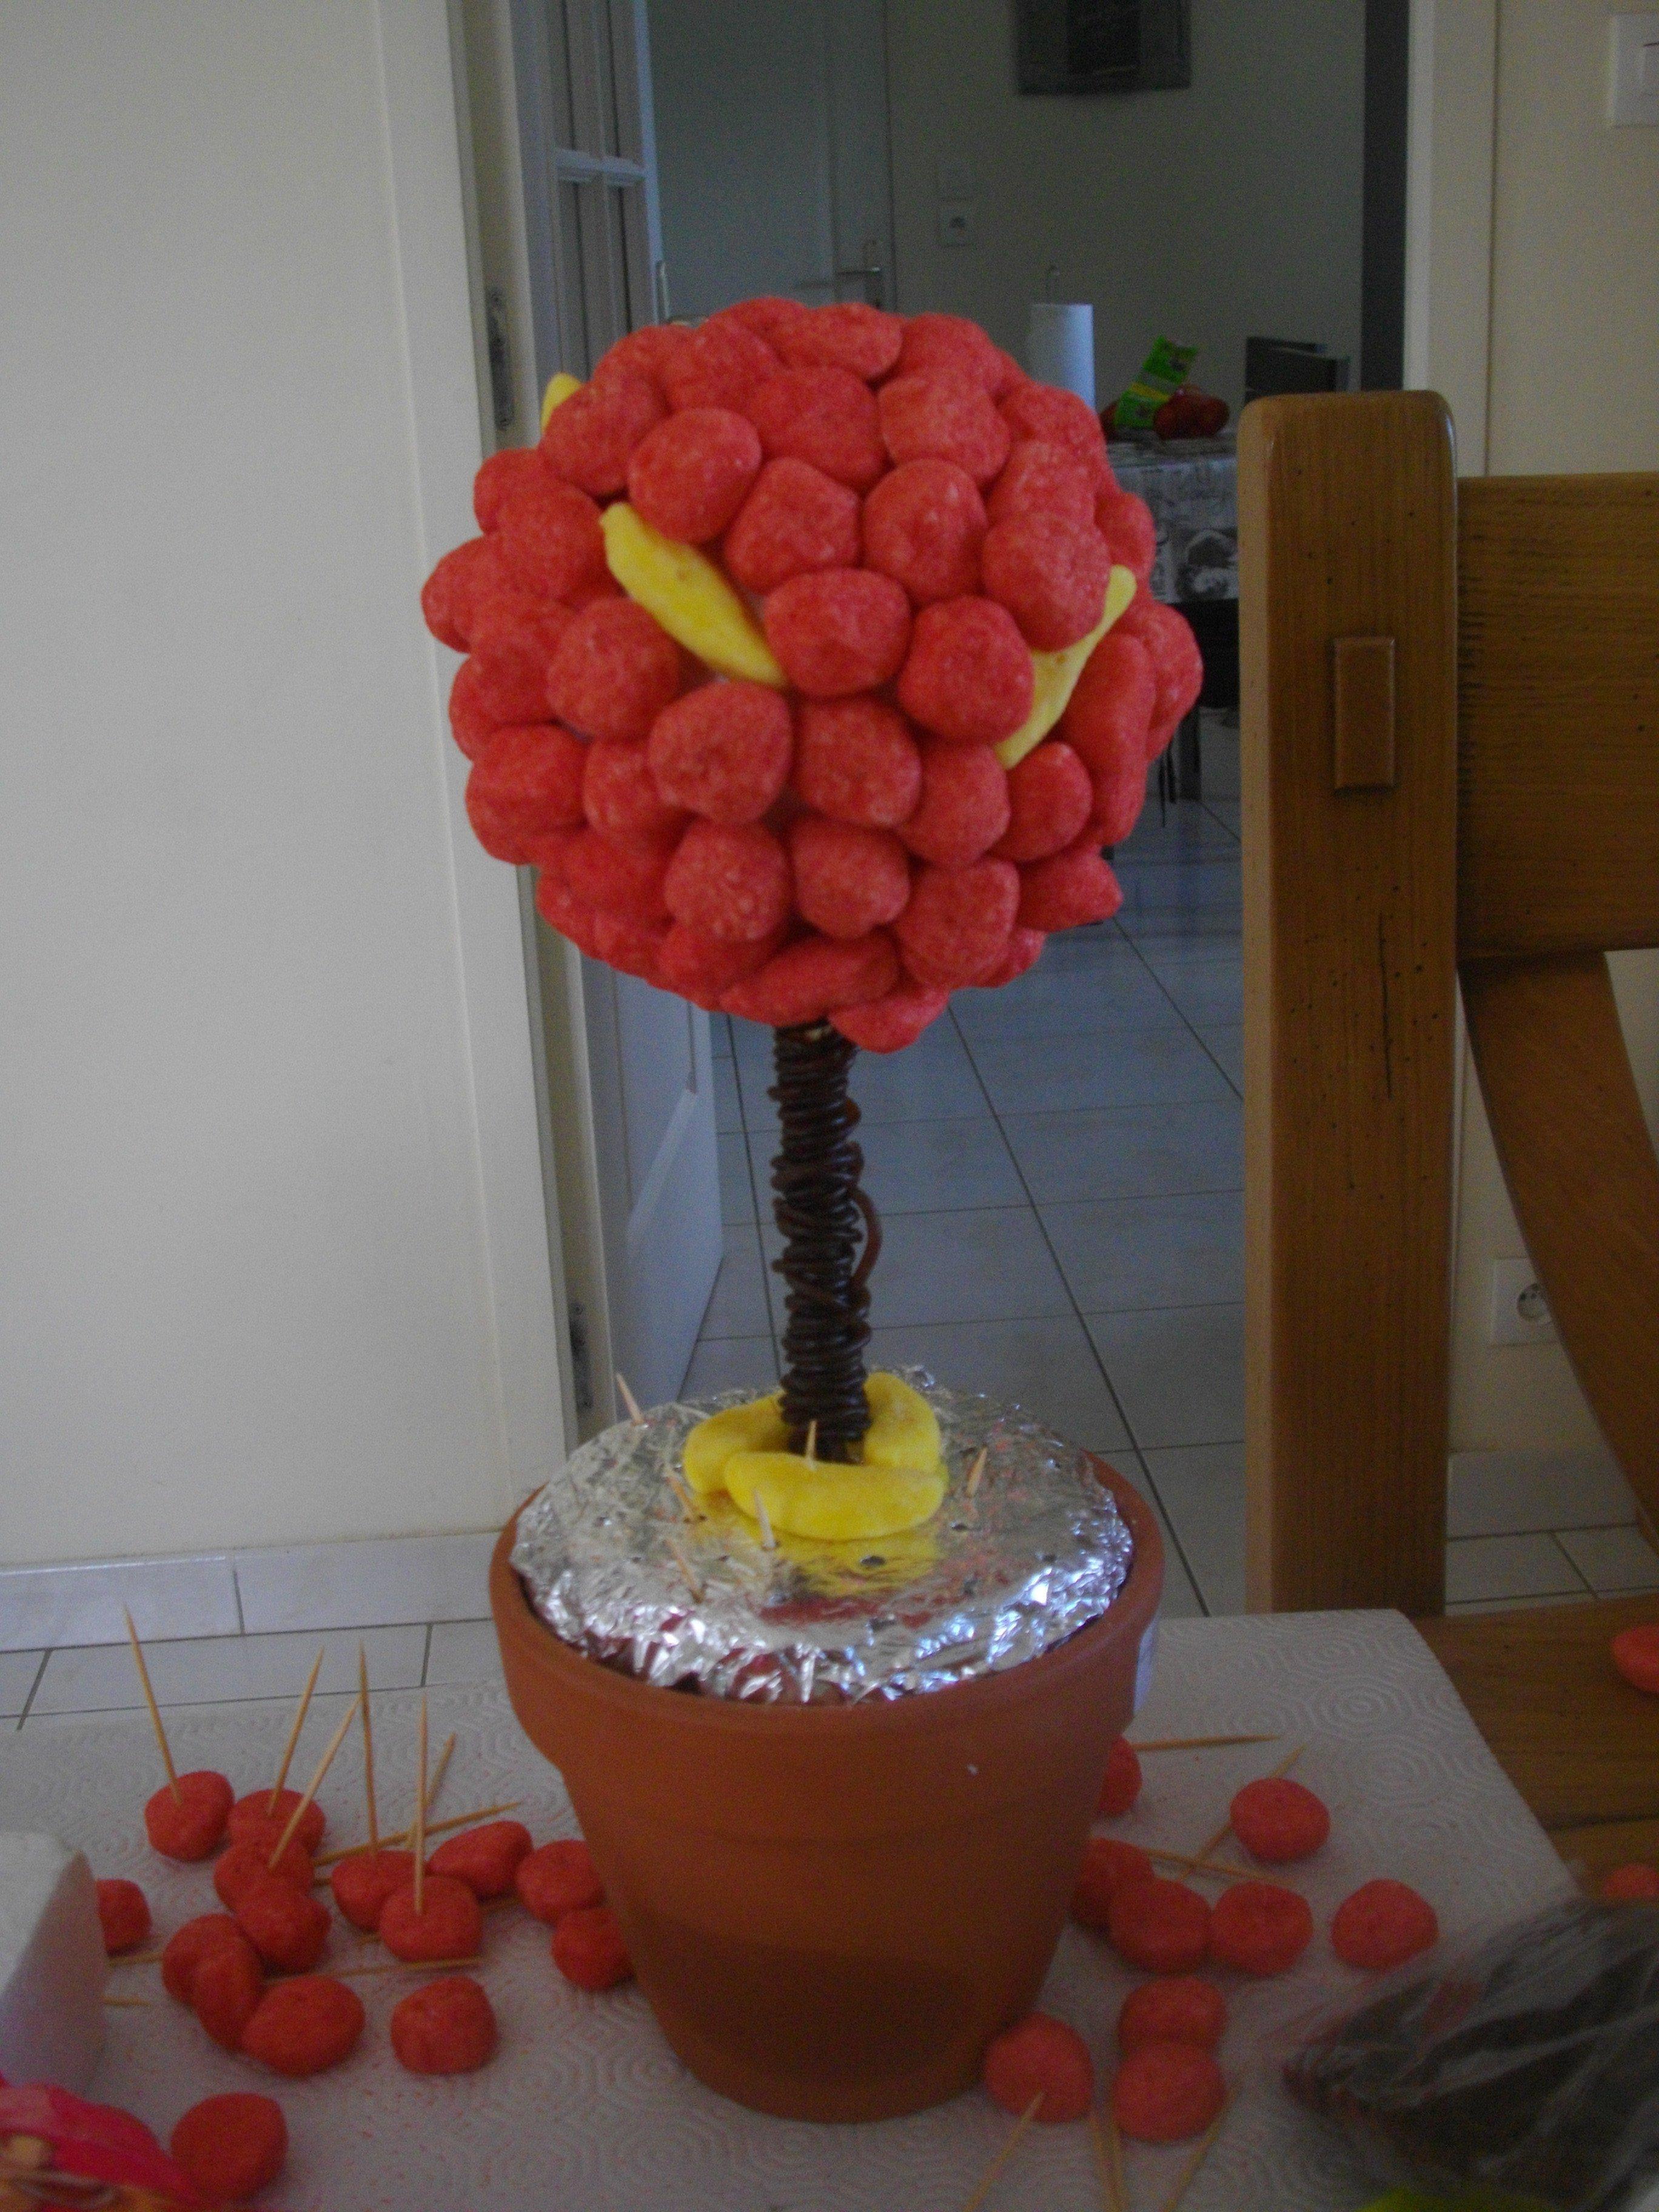 Arbre bonbon gabel style - Idee paquet bonbon pour anniversaire ...